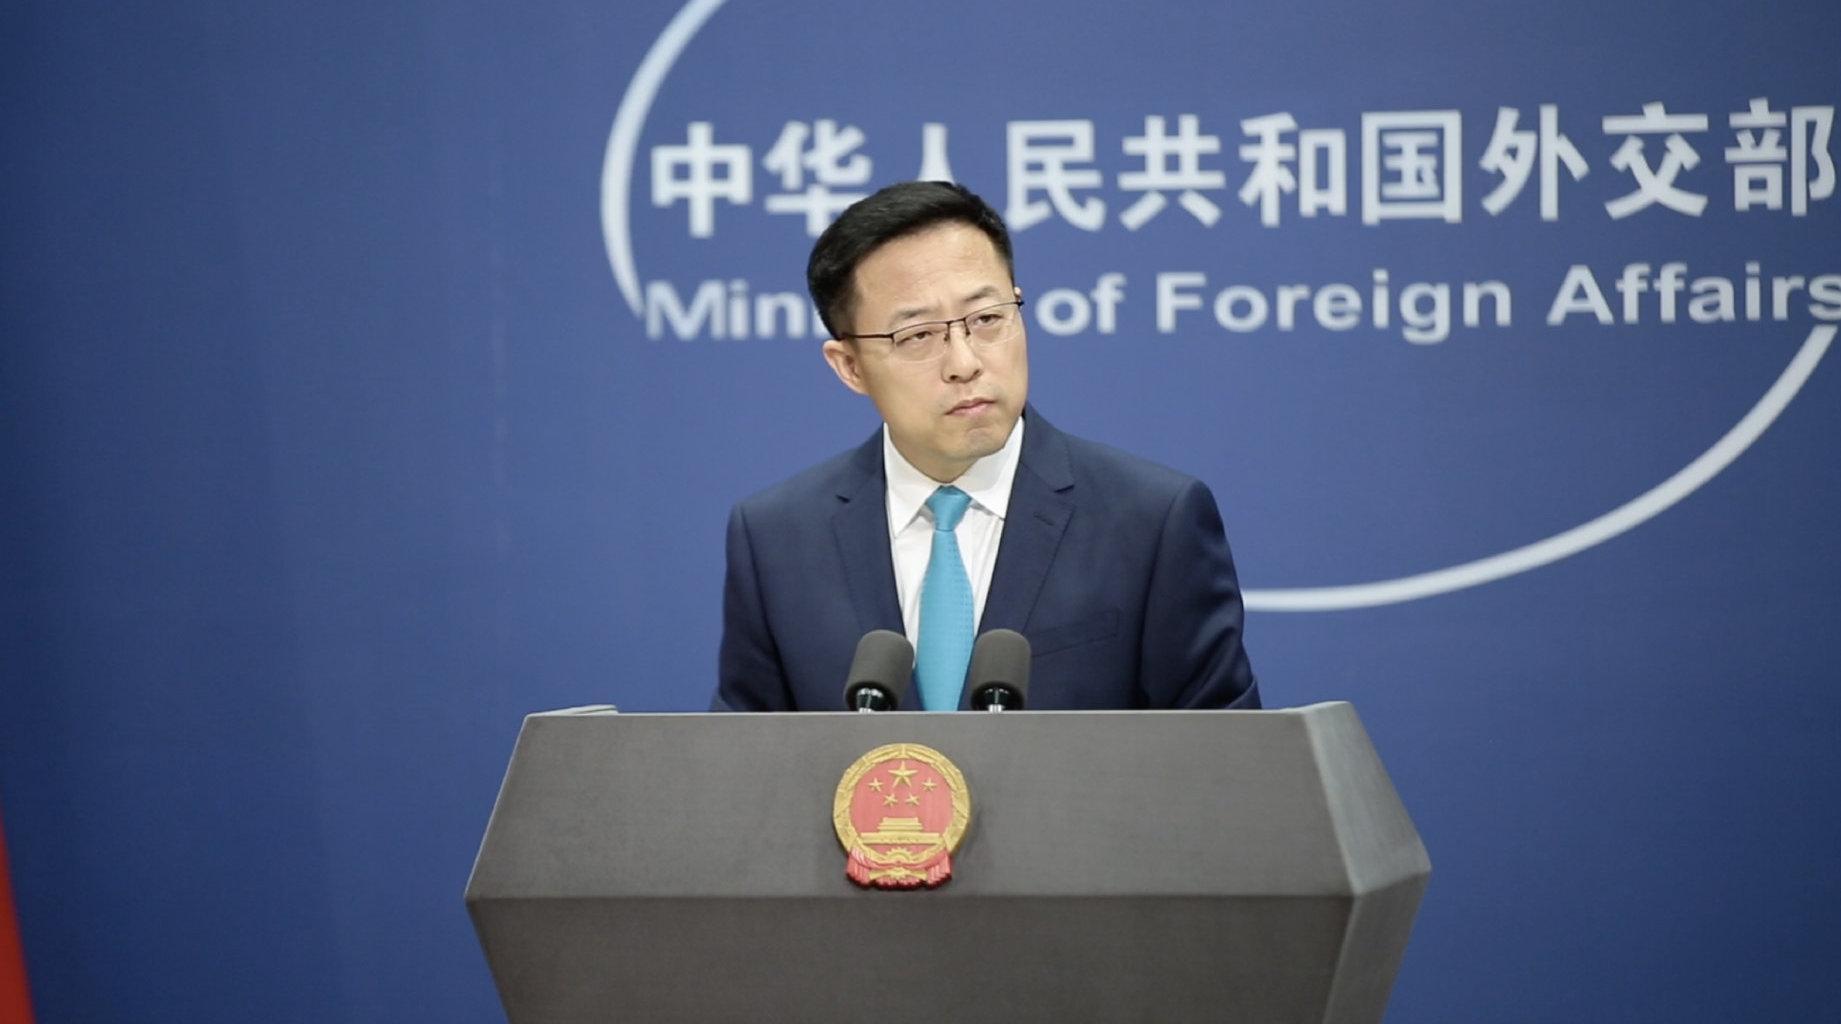 美个别政客胁迫他国禁用中国5G设备 外交部回应